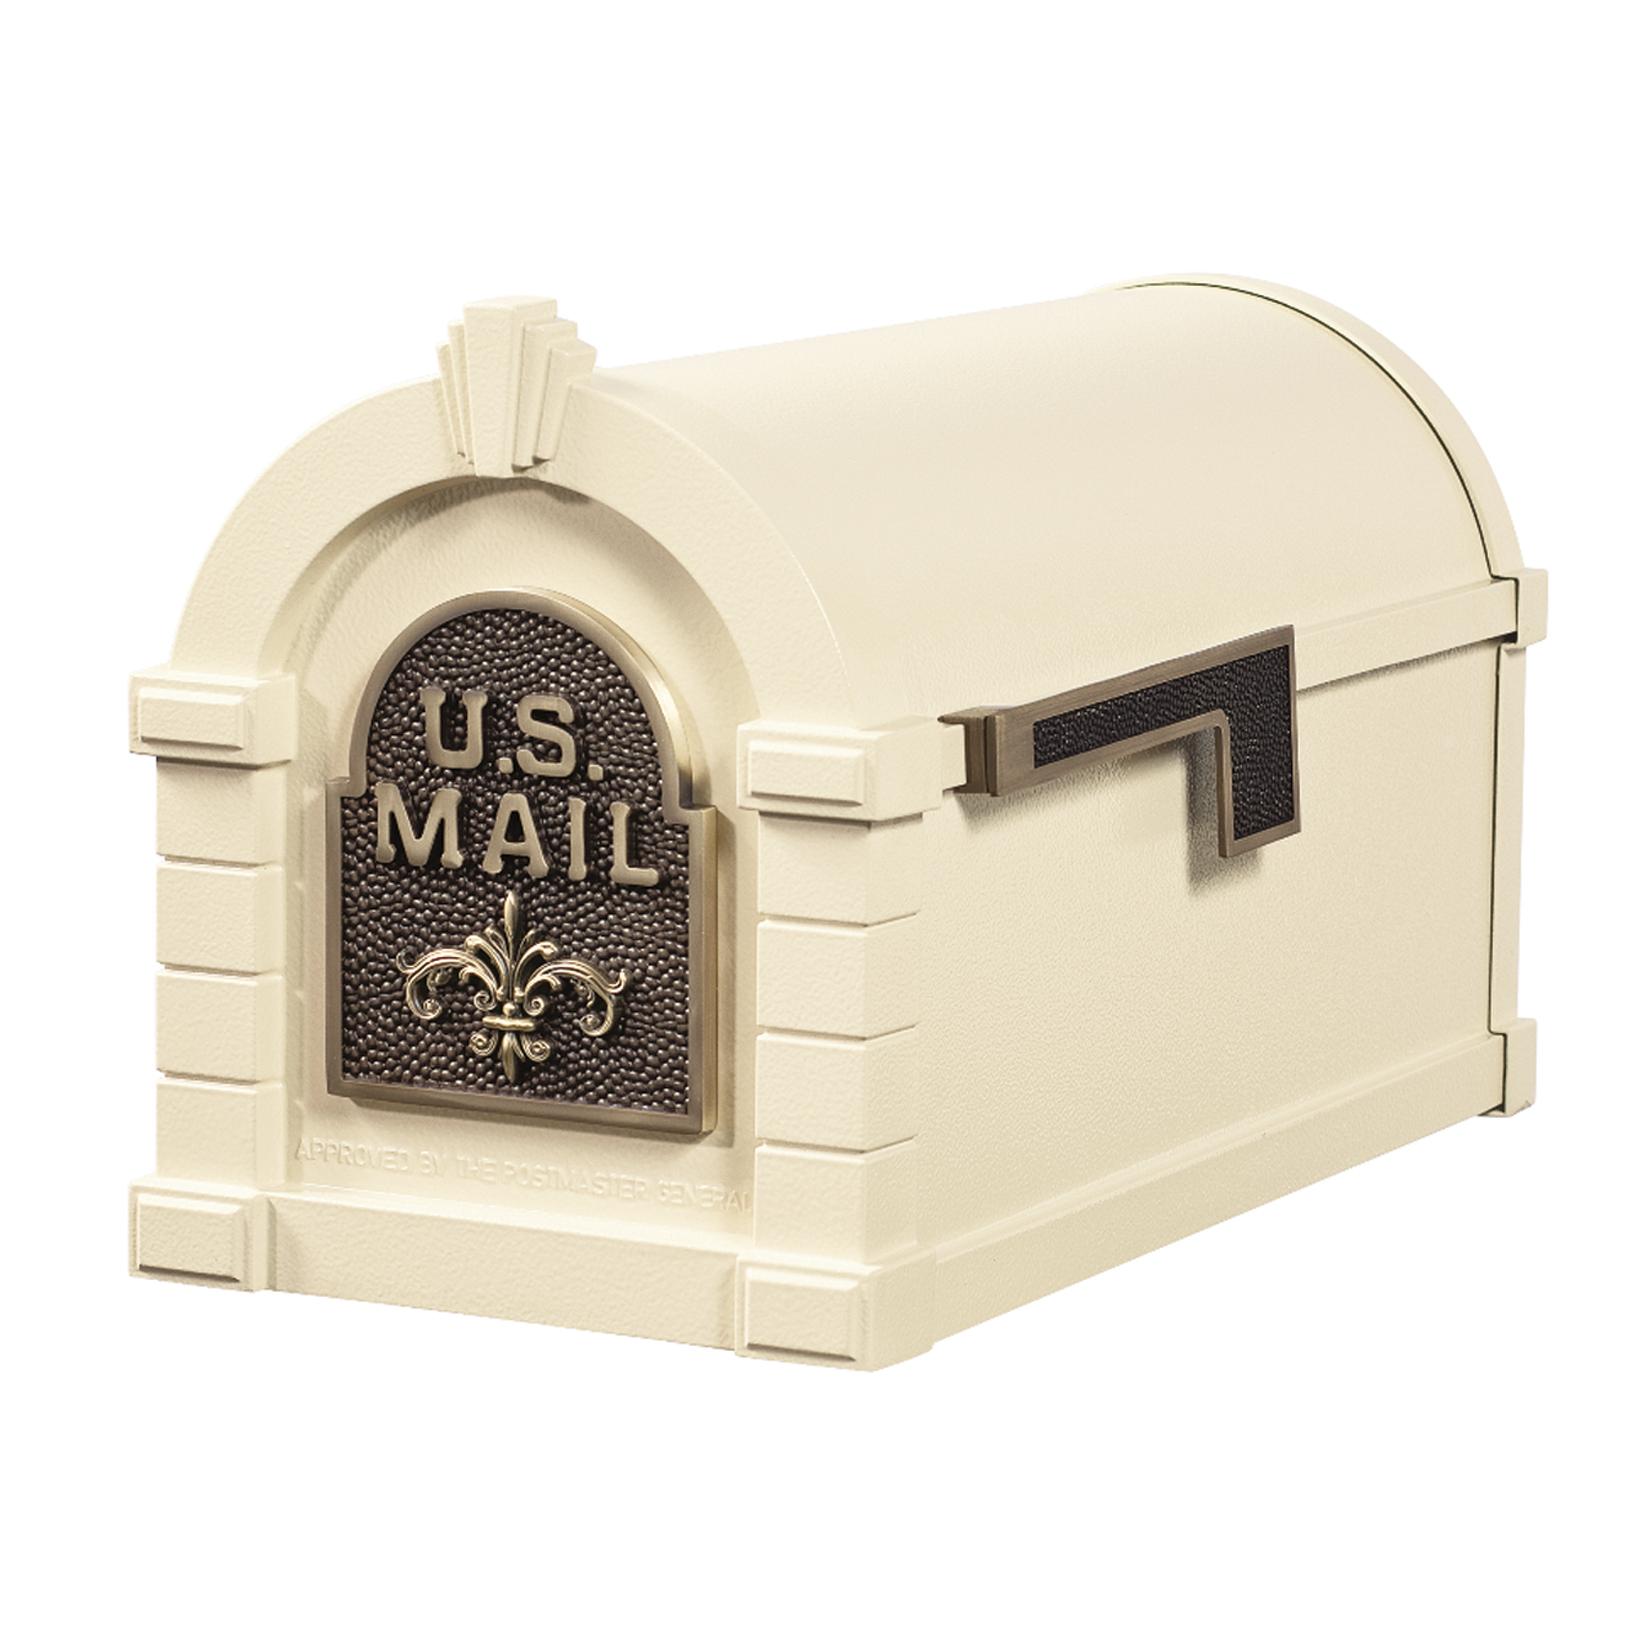 Gaines Fleur De Lis Keystone Mailboxes - Almond with Antique Bronze